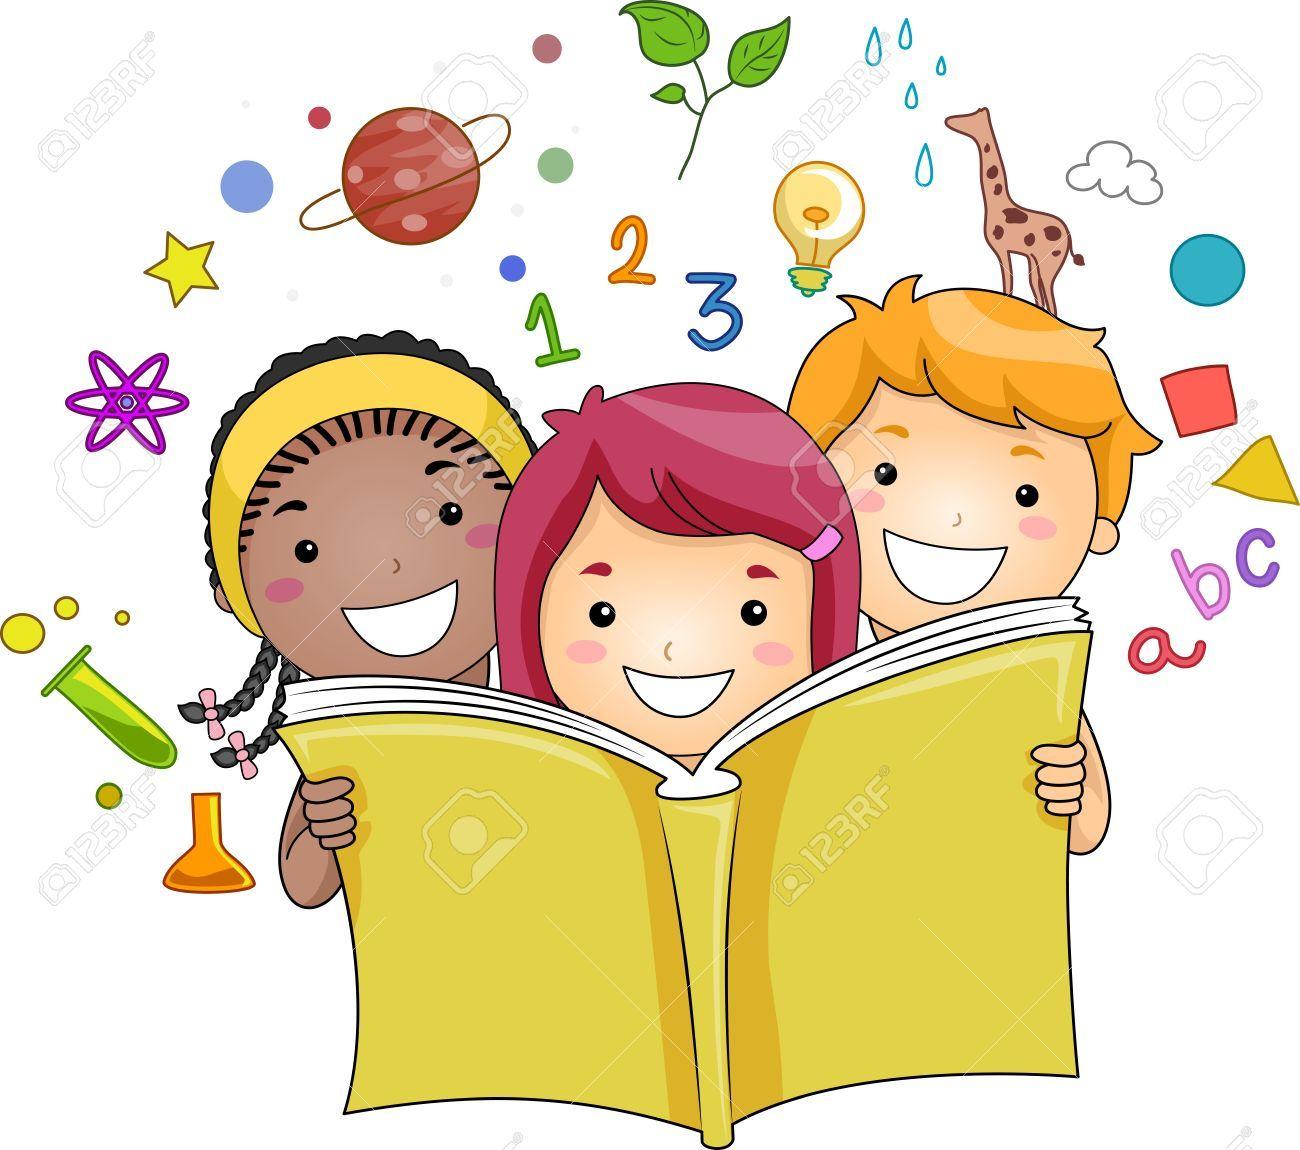 Ilustracion De Un Grupo De Ninos Leyendo Un Libro Mientras Educacion Iconos Relacionados Hover En El Fondo Ninos Leyendo Ninos Leyendo Animados Imagenes De Ninos Estudiando